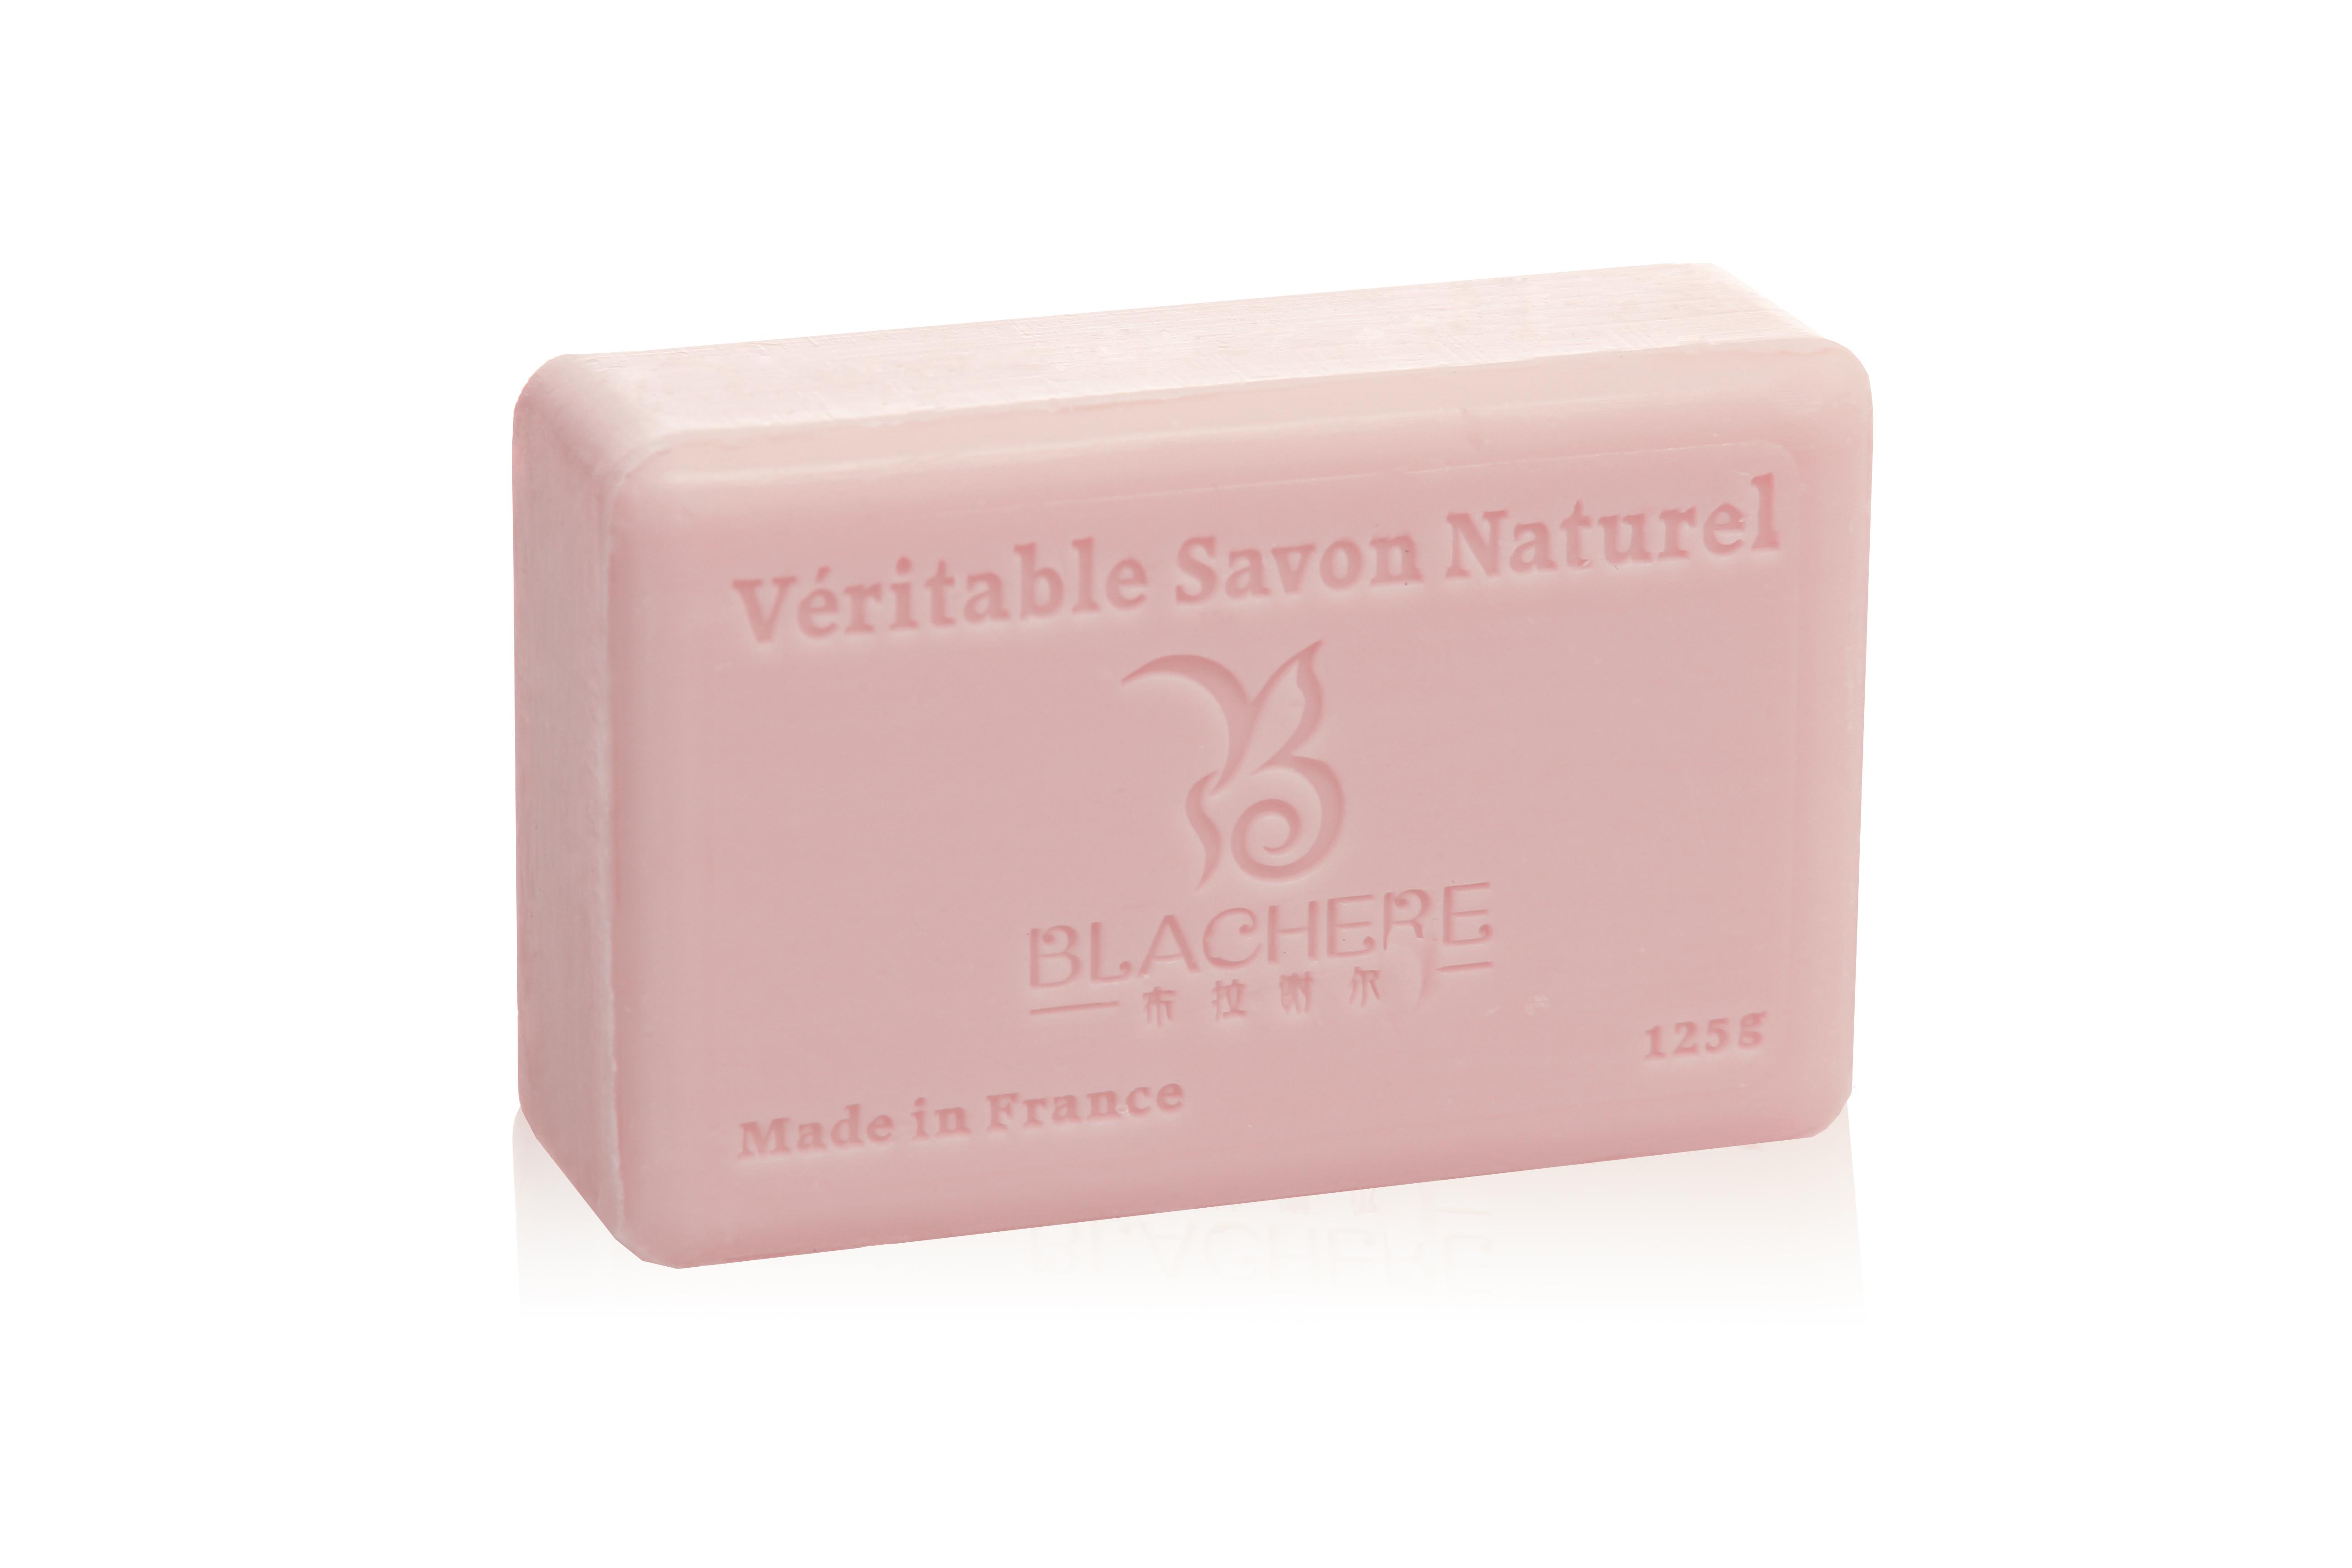 布拉谢尔驴奶香皂法国马赛皂皂洗澡洁面洗脸沐浴